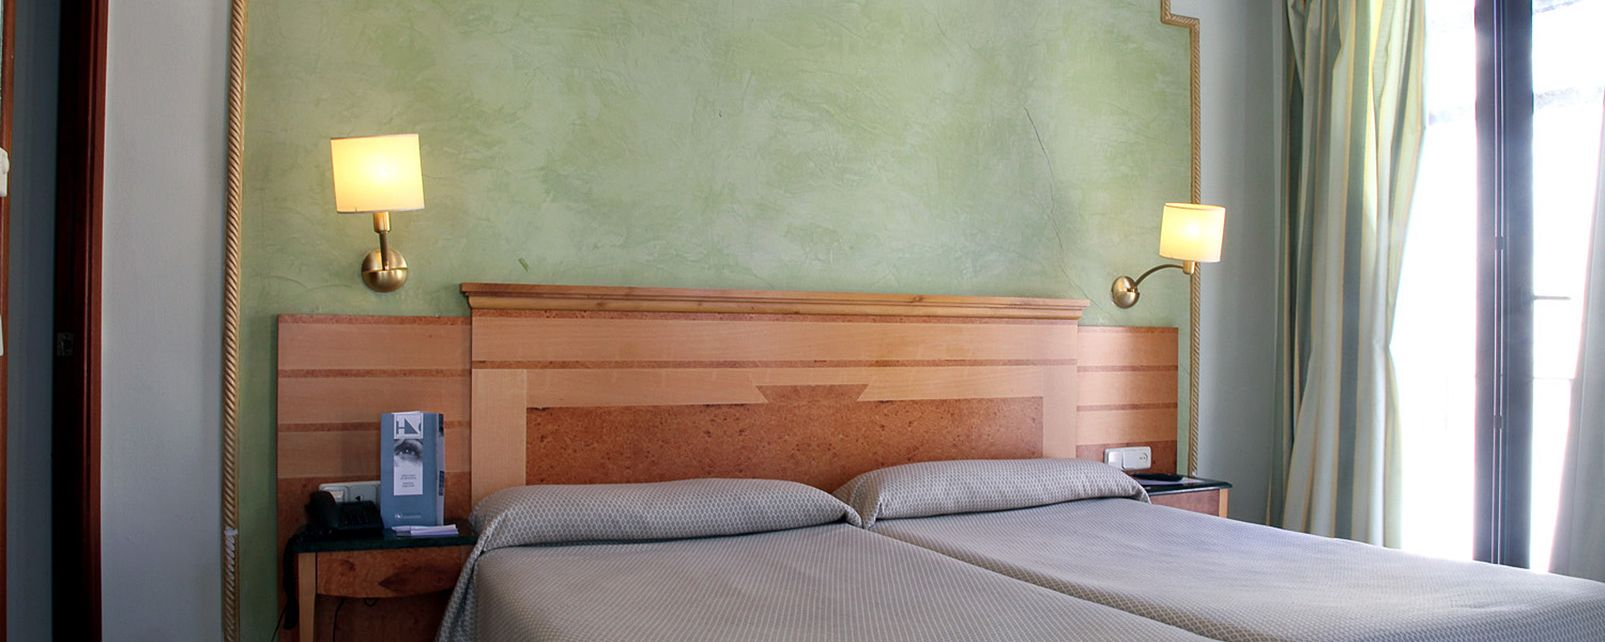 Hotel Eurostars Maim�nides